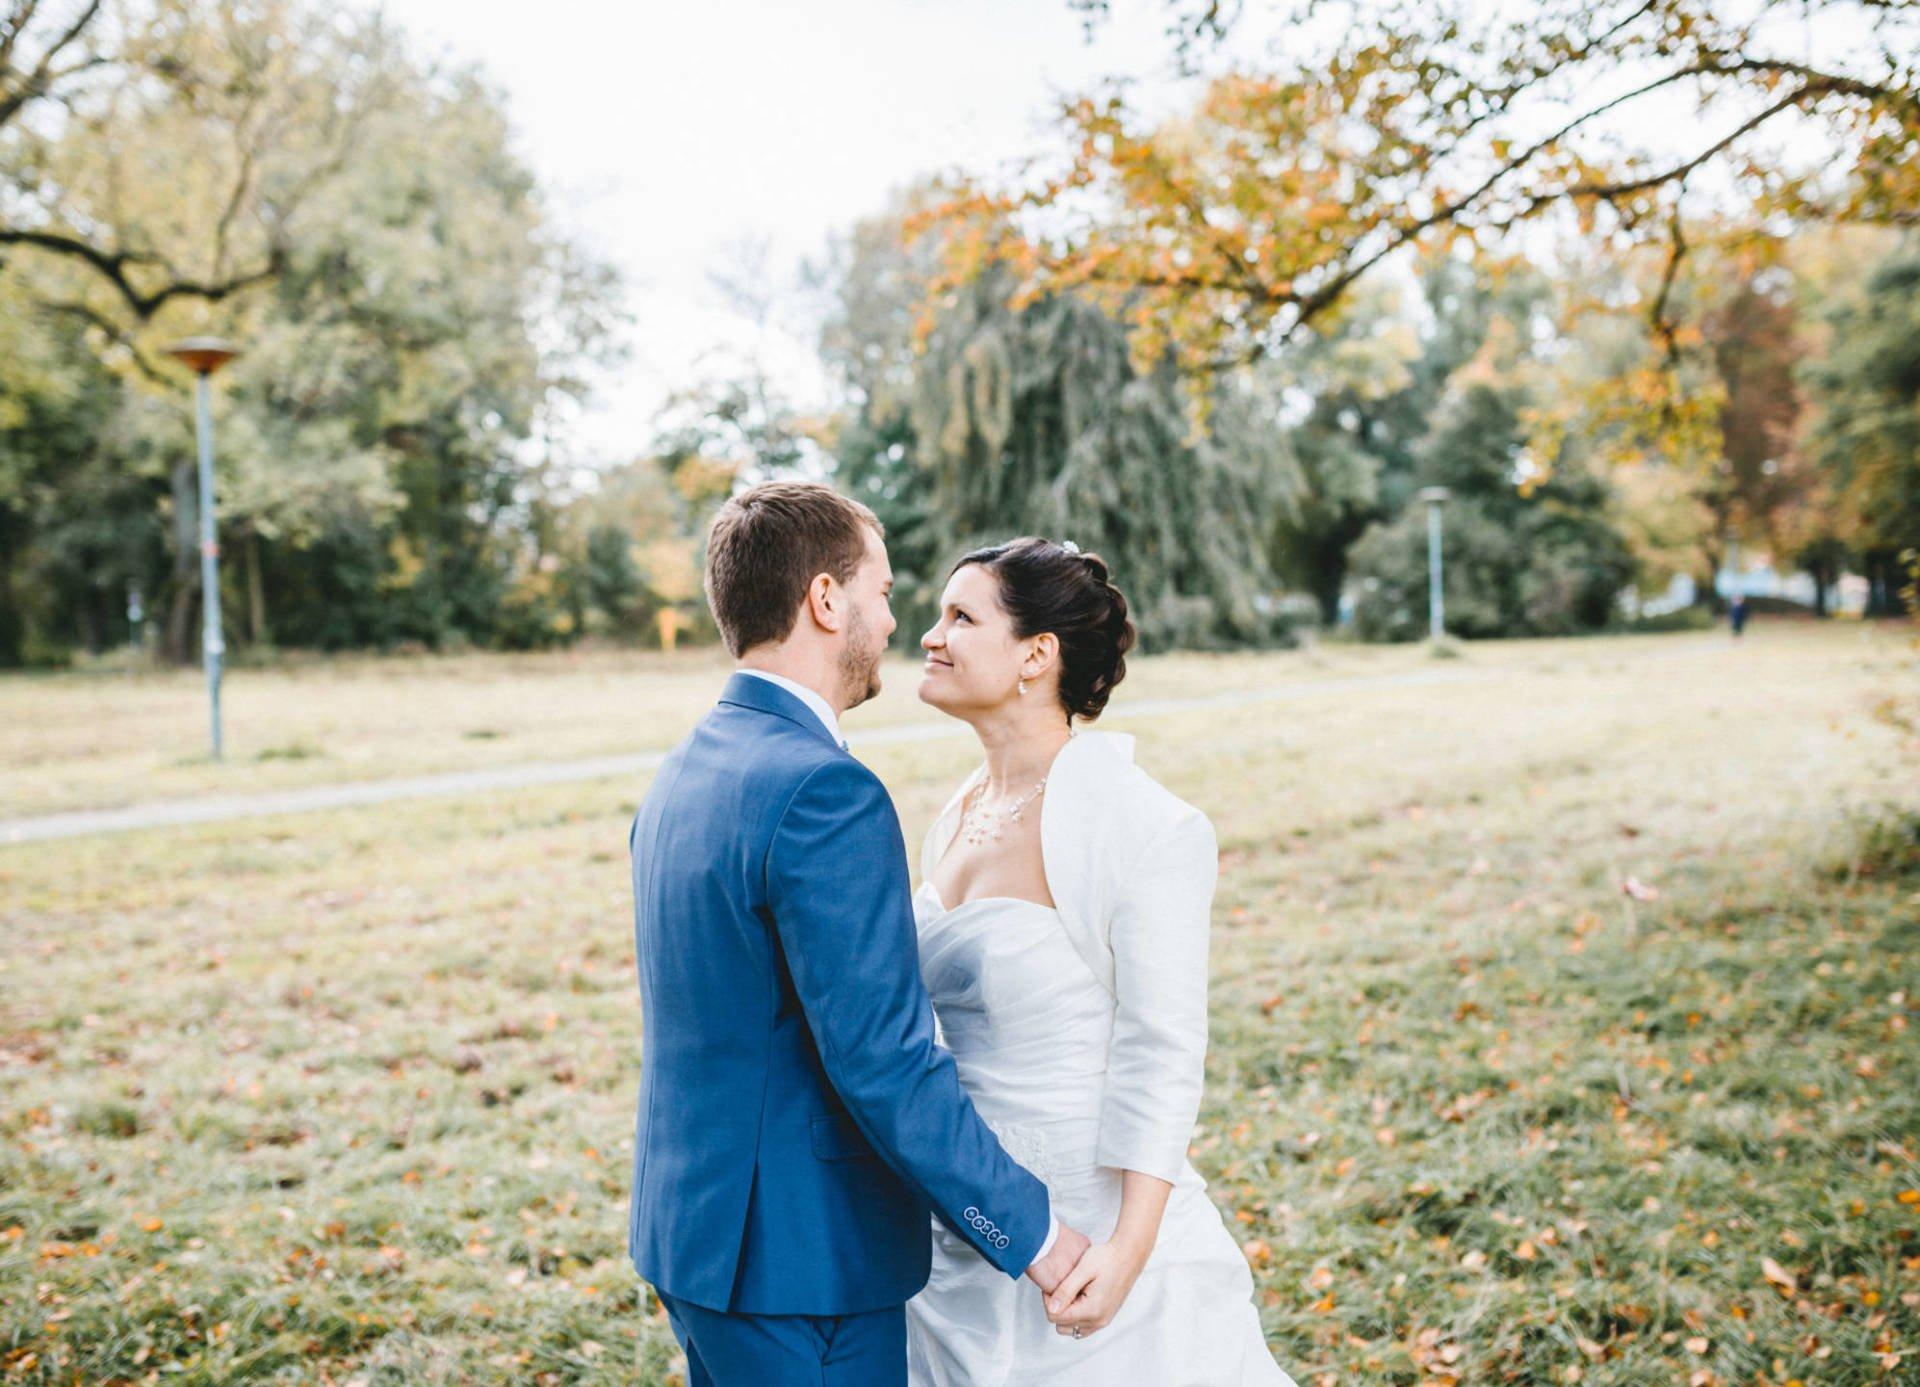 Hochzeitsreportage | Hochzeit im Paradies Jena | 8